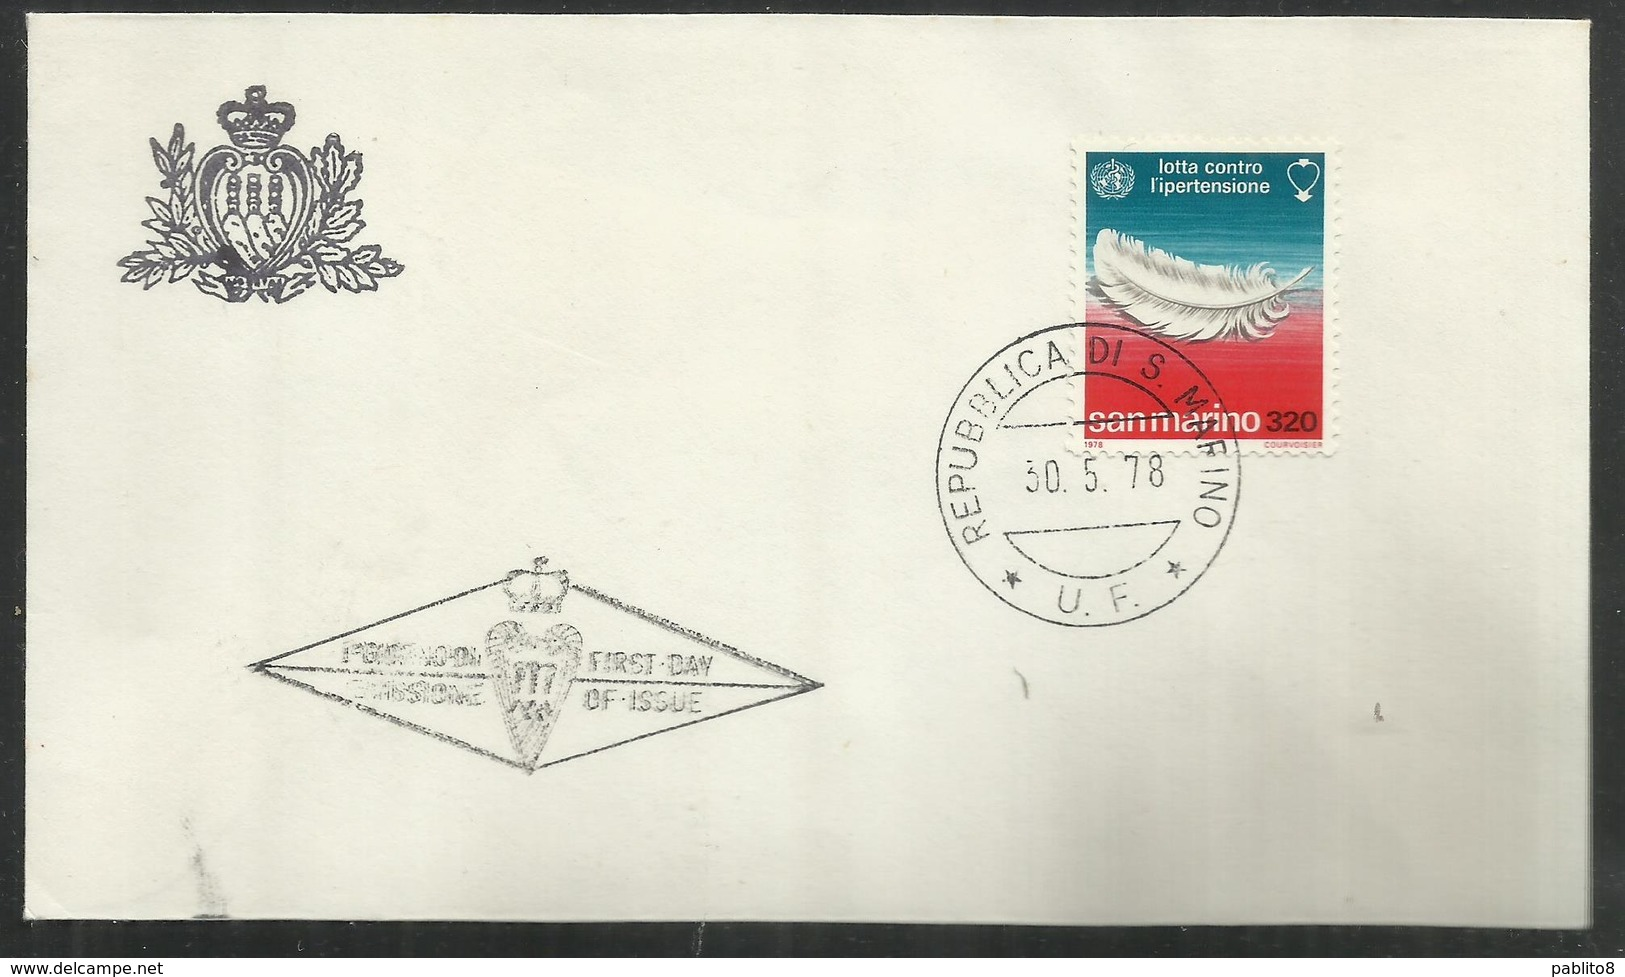 REPUBBLICA DI SAN MARINO 1978 LOTTA CONTRO L'IPERTENSIONE LIRE 320 FDC - FDC